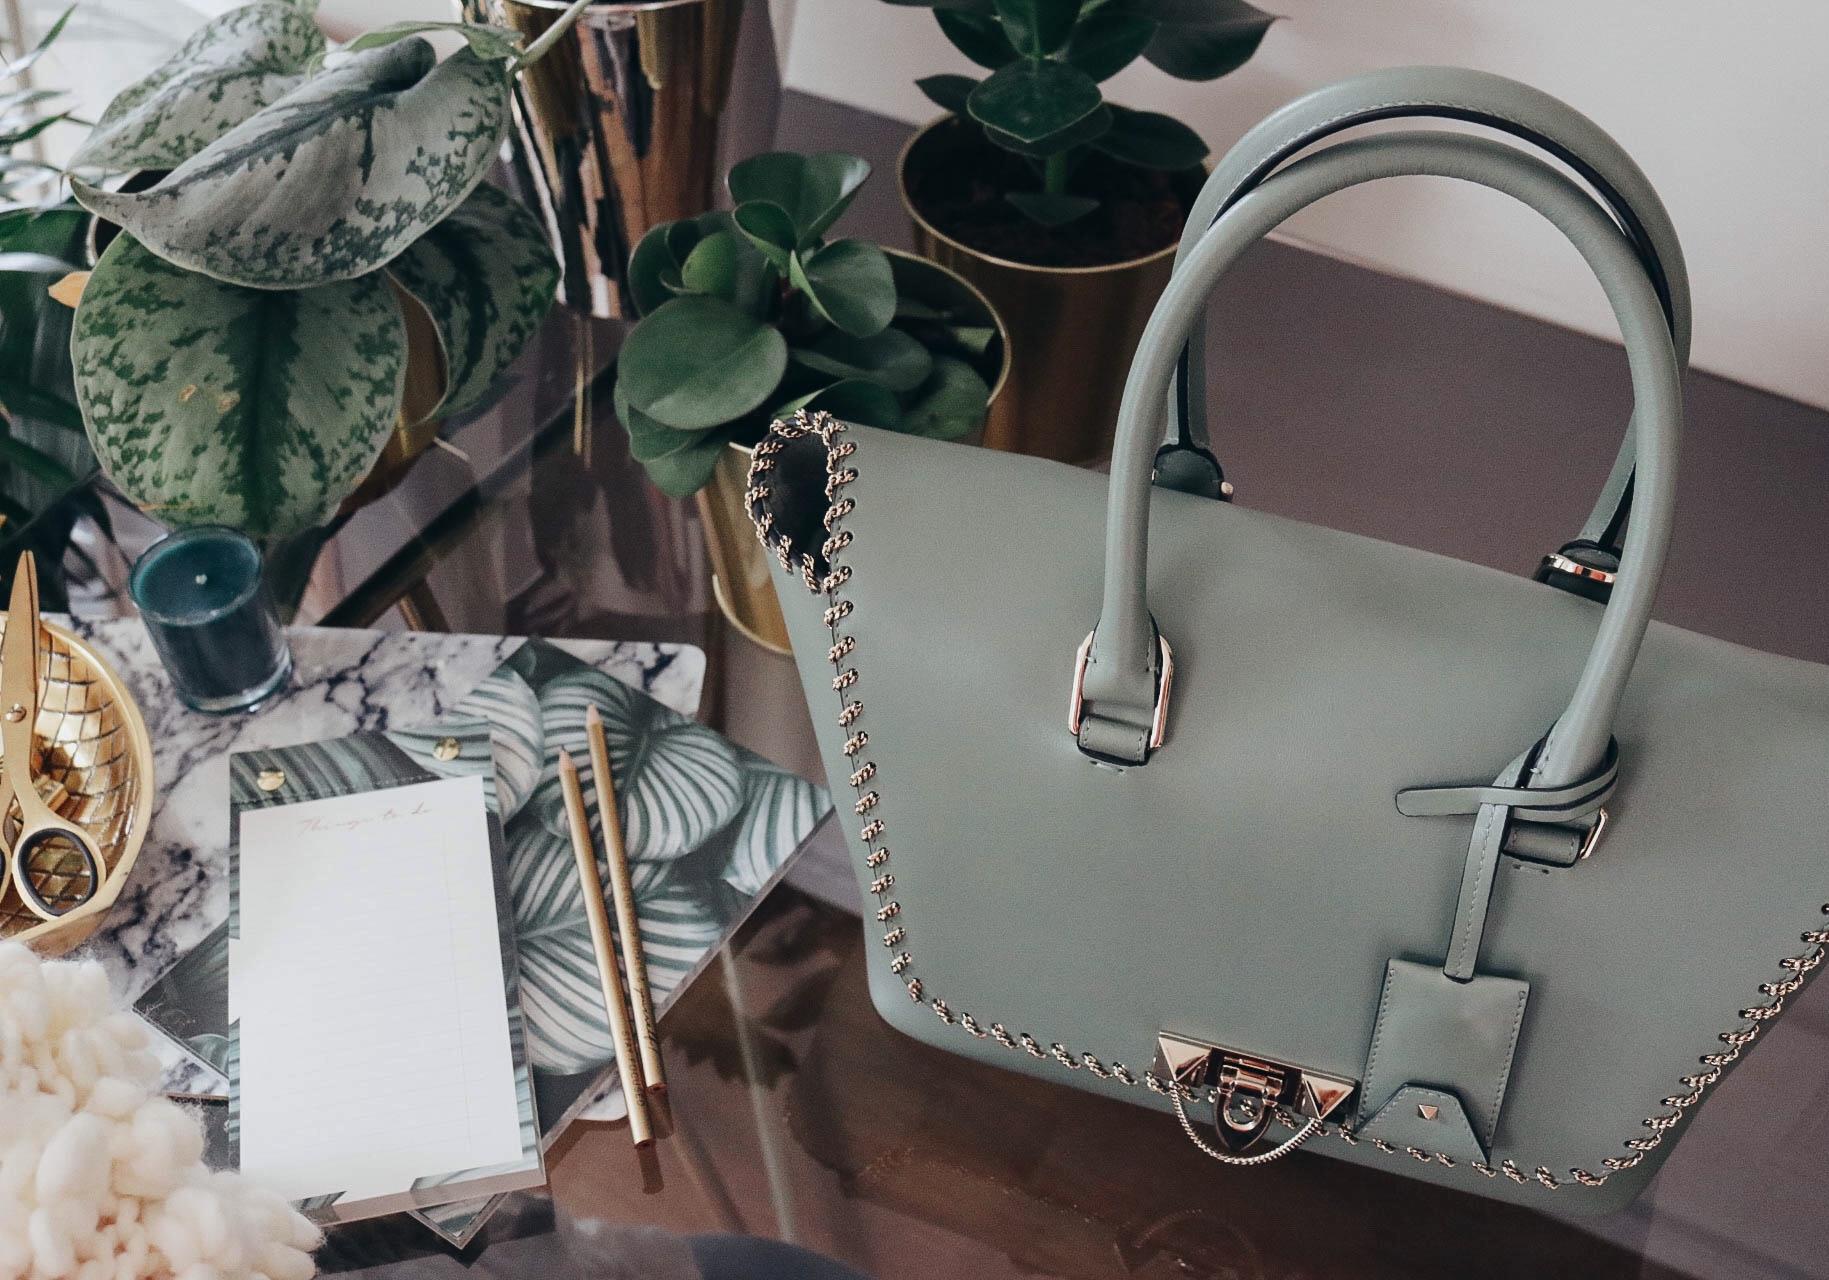 shoppinator taschen designer designertaschen kaufen rabatt sale schn ppchen valentino garavani. Black Bedroom Furniture Sets. Home Design Ideas